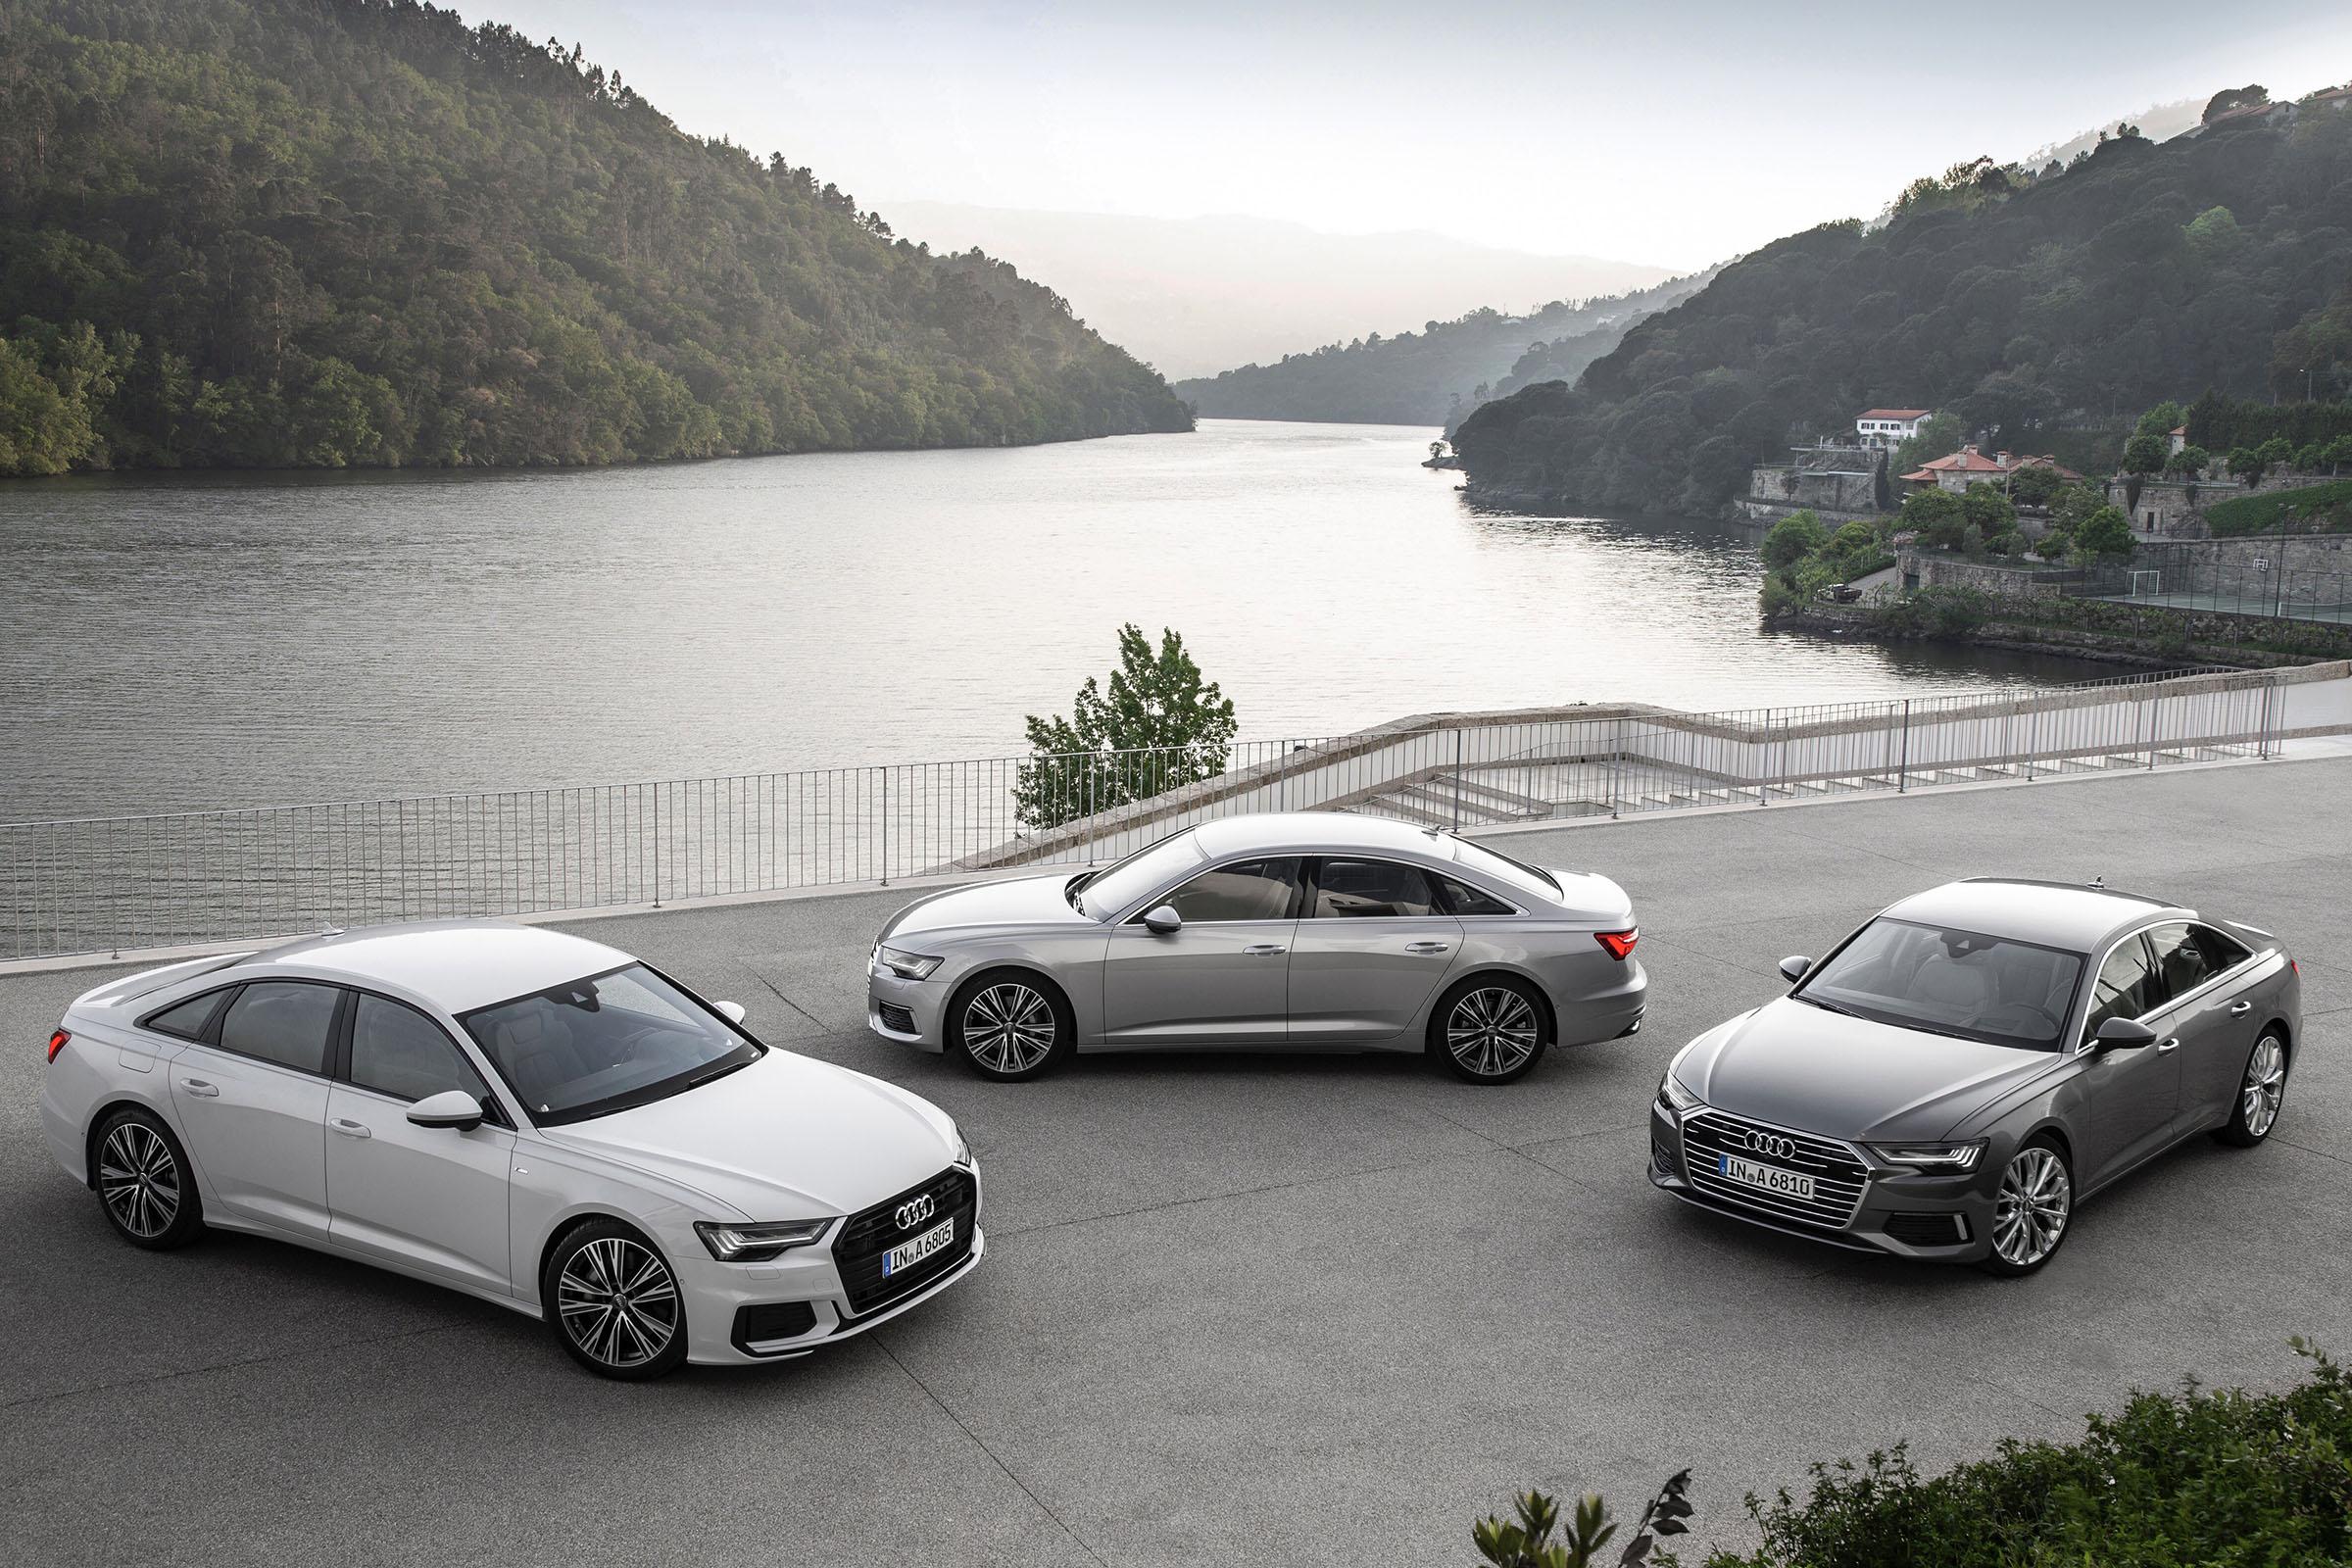 Kelebihan Audi A6 Sportback Spesifikasi